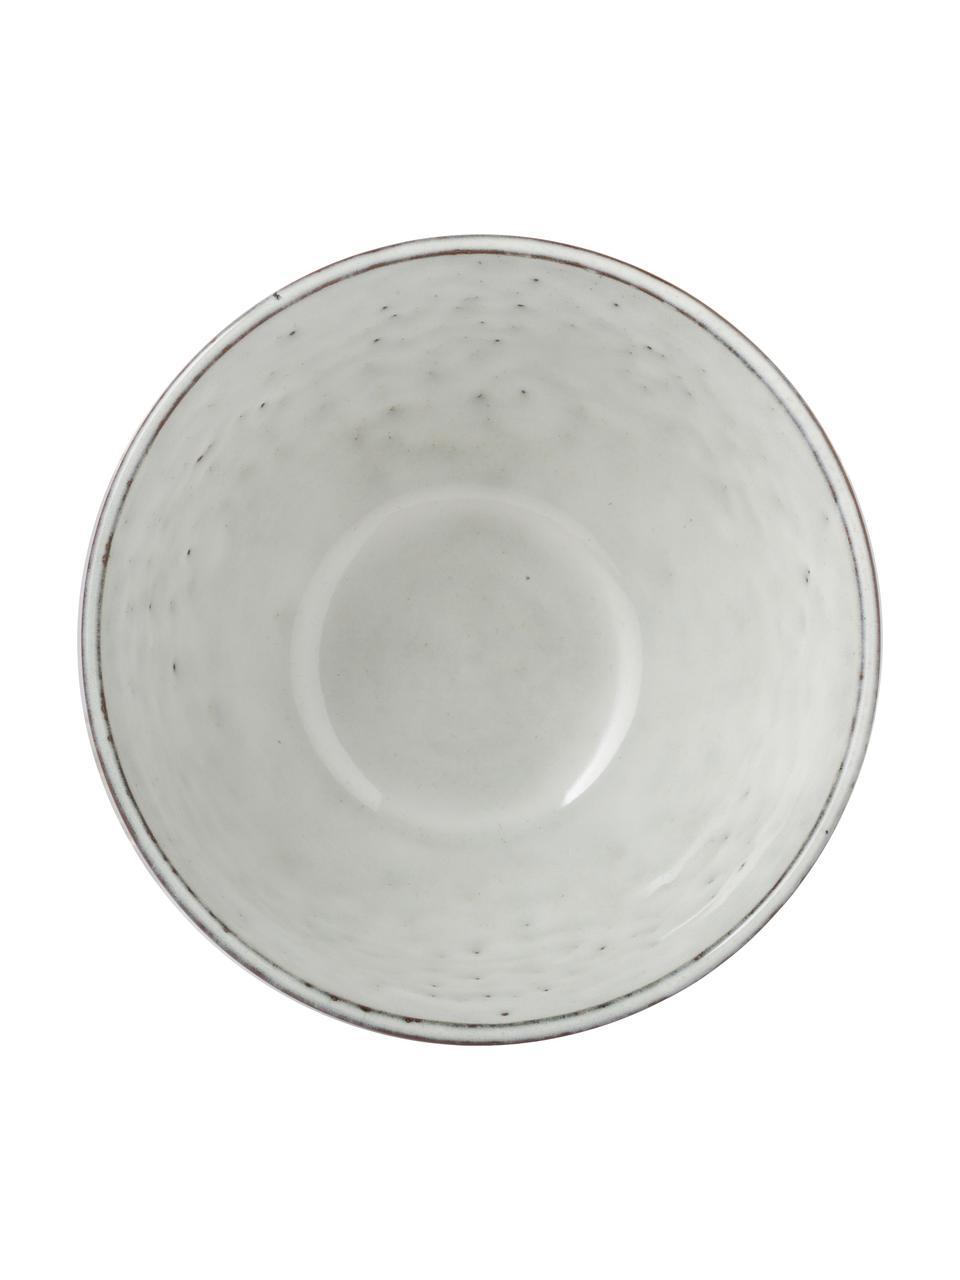 Ručně vyrobená kameninová miska Nordic Sand Ø 15 cm, 4 ks, Odstíny písku